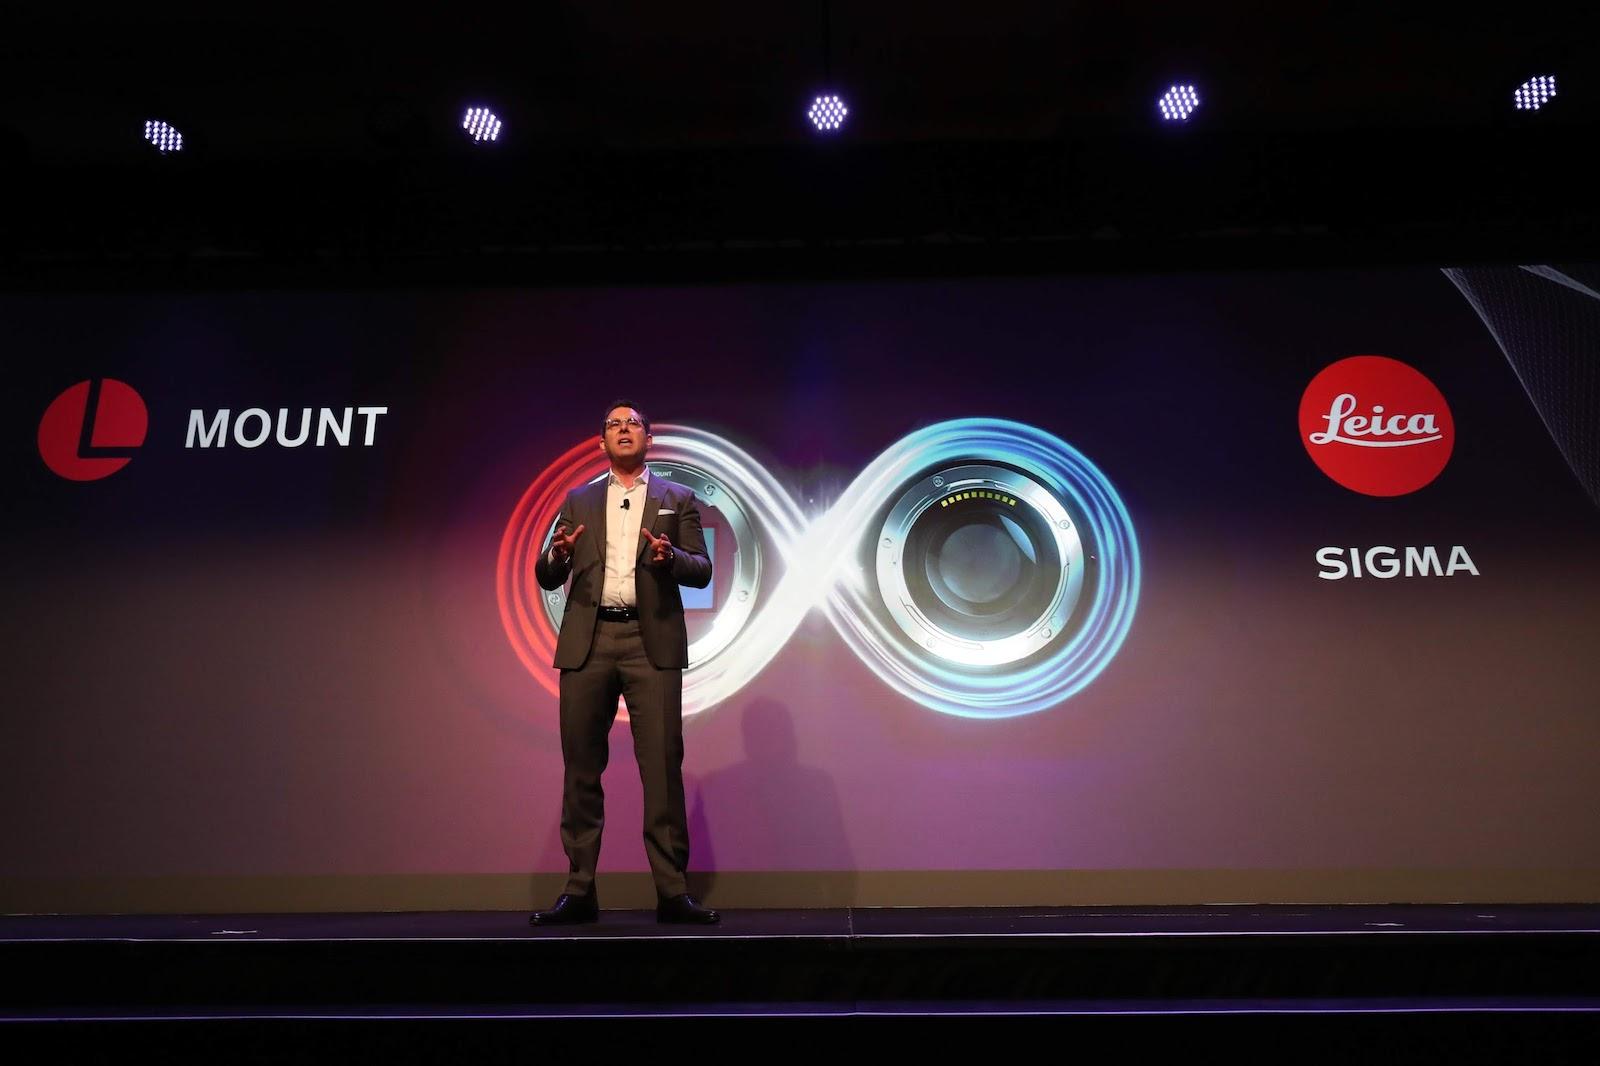 Sigma и Leica участвуют в альянсе L-Mount